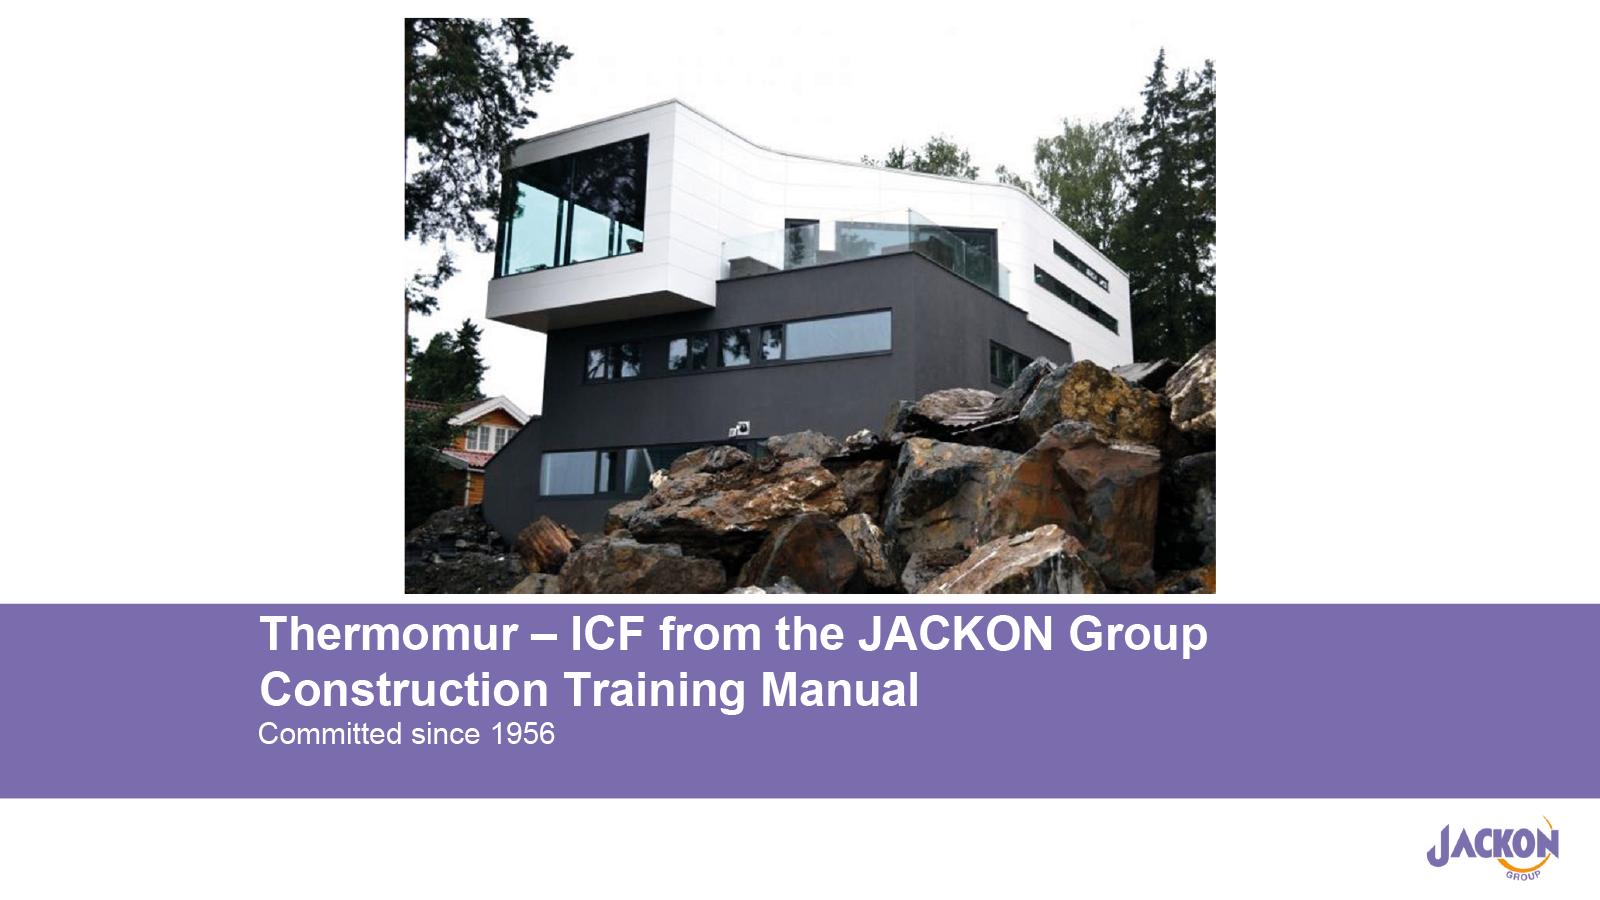 Thermomur Training Manual